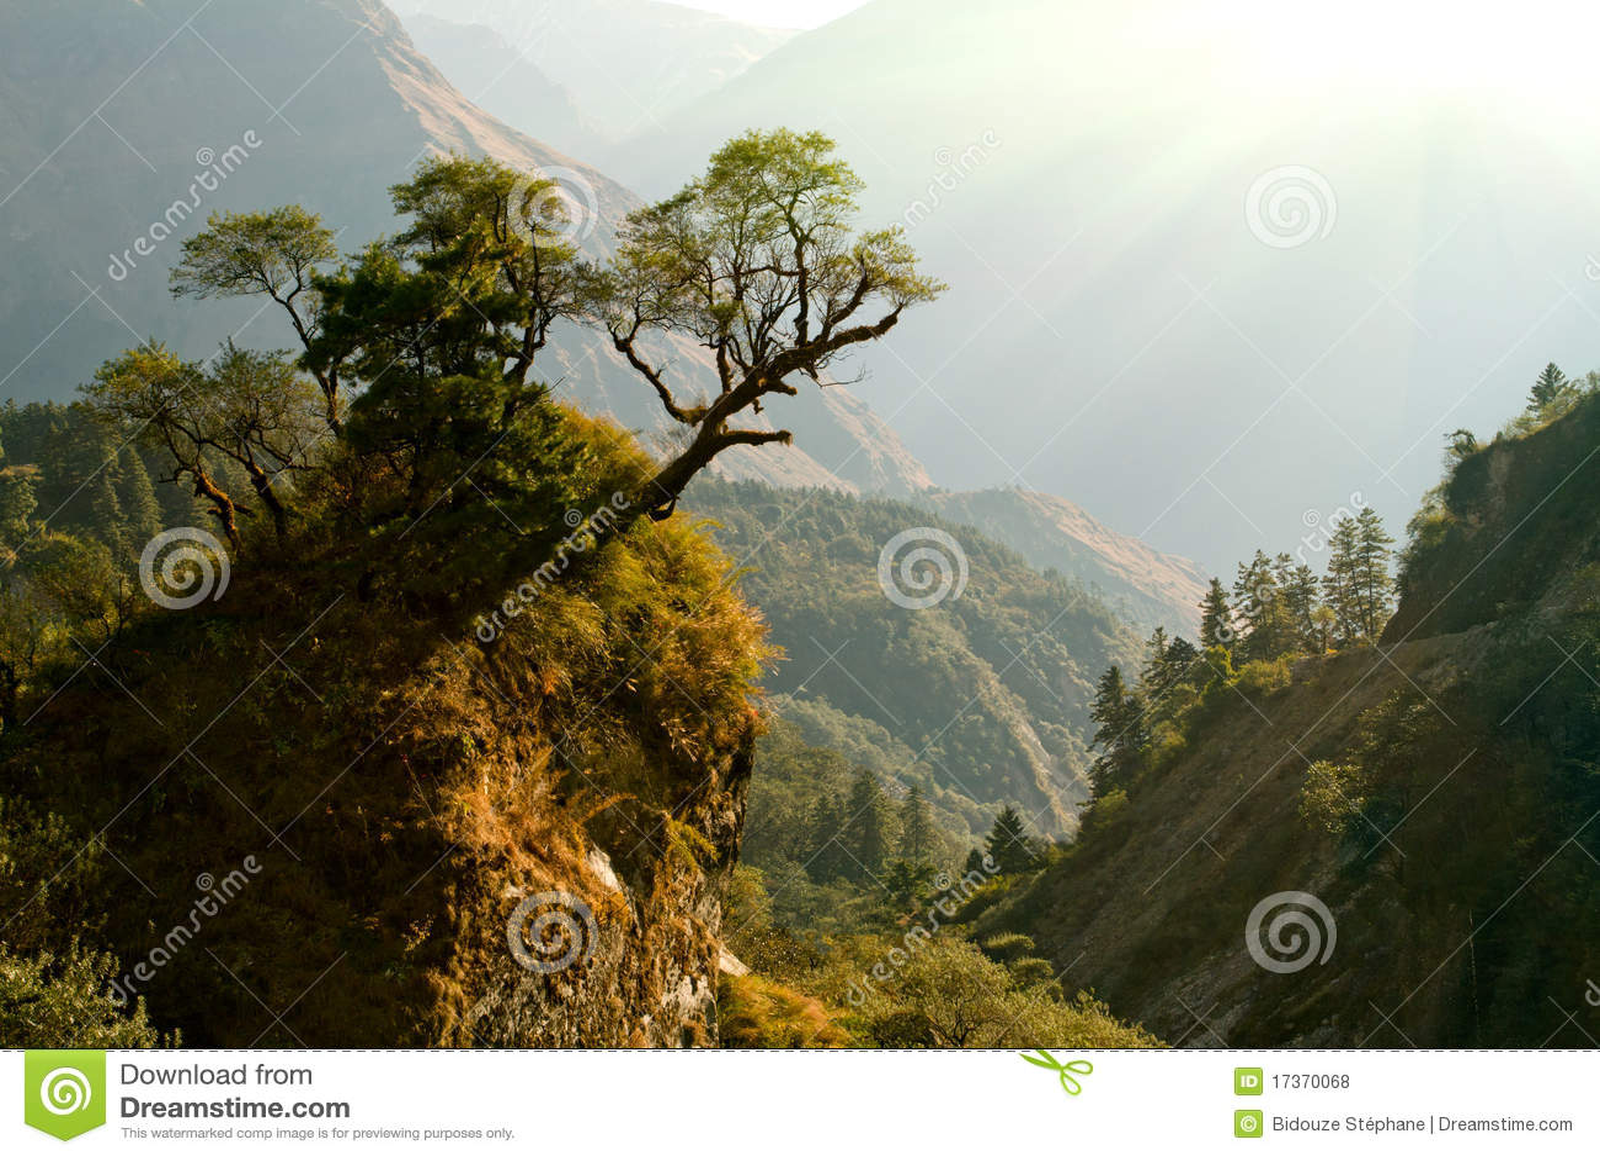 Enchanted Nepal landscape